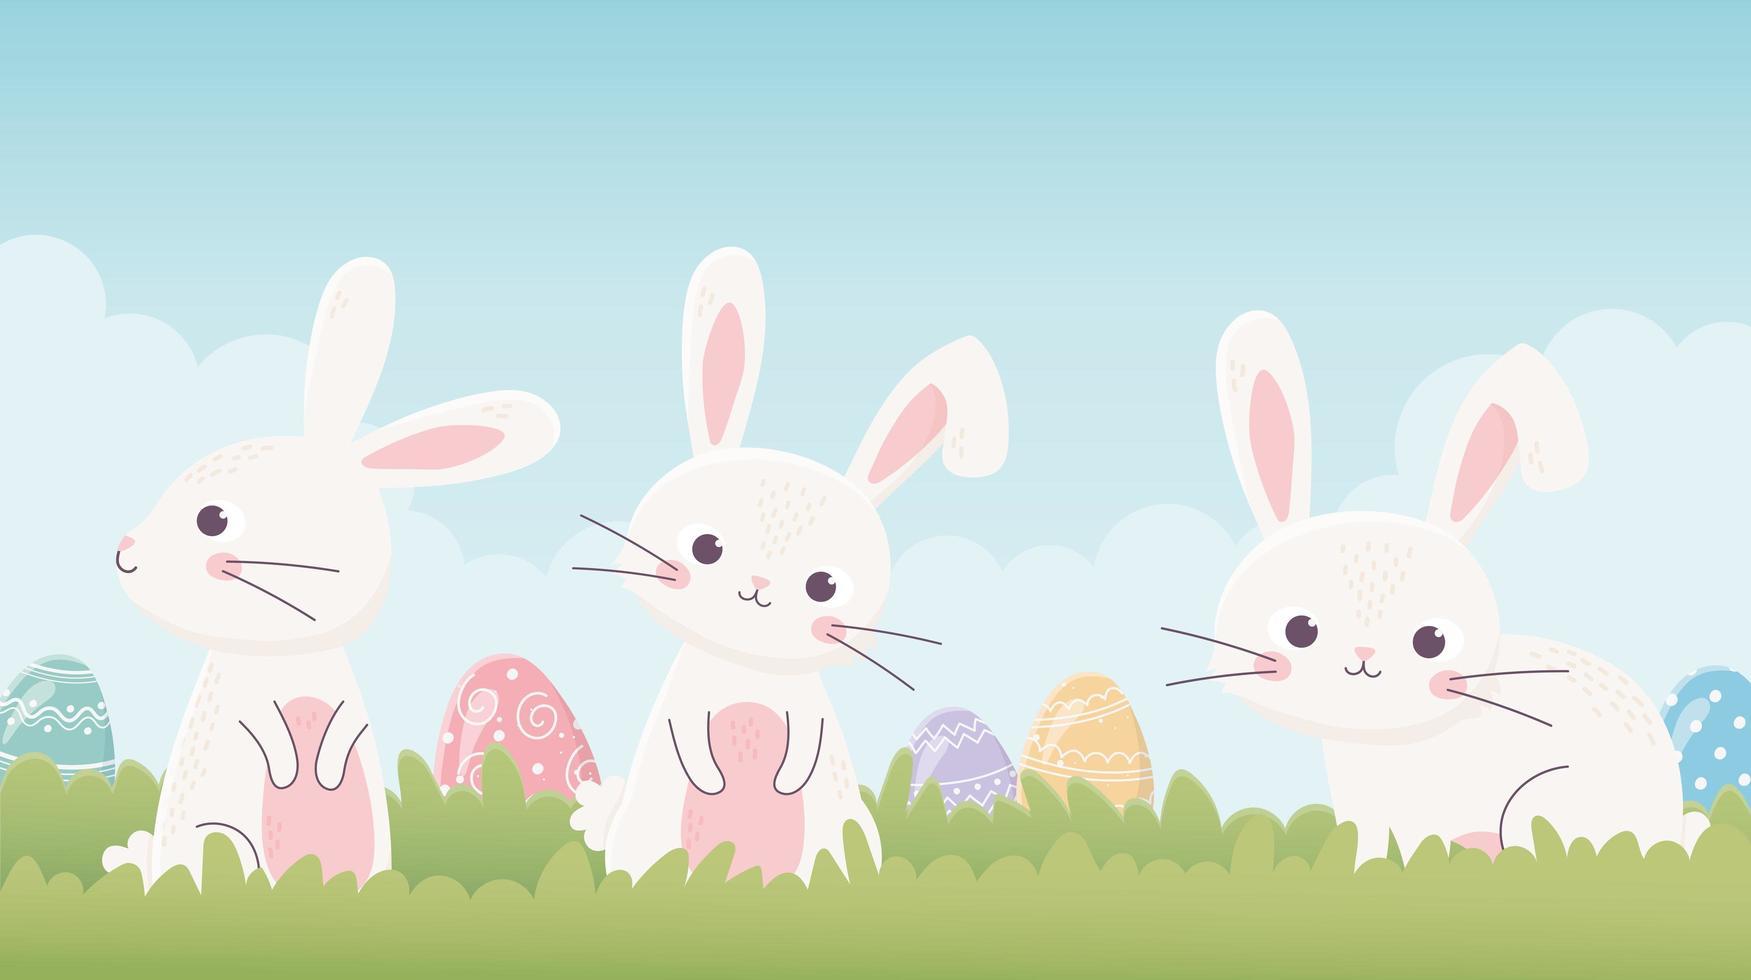 söta kaniner och ägg för påskfirande vektor